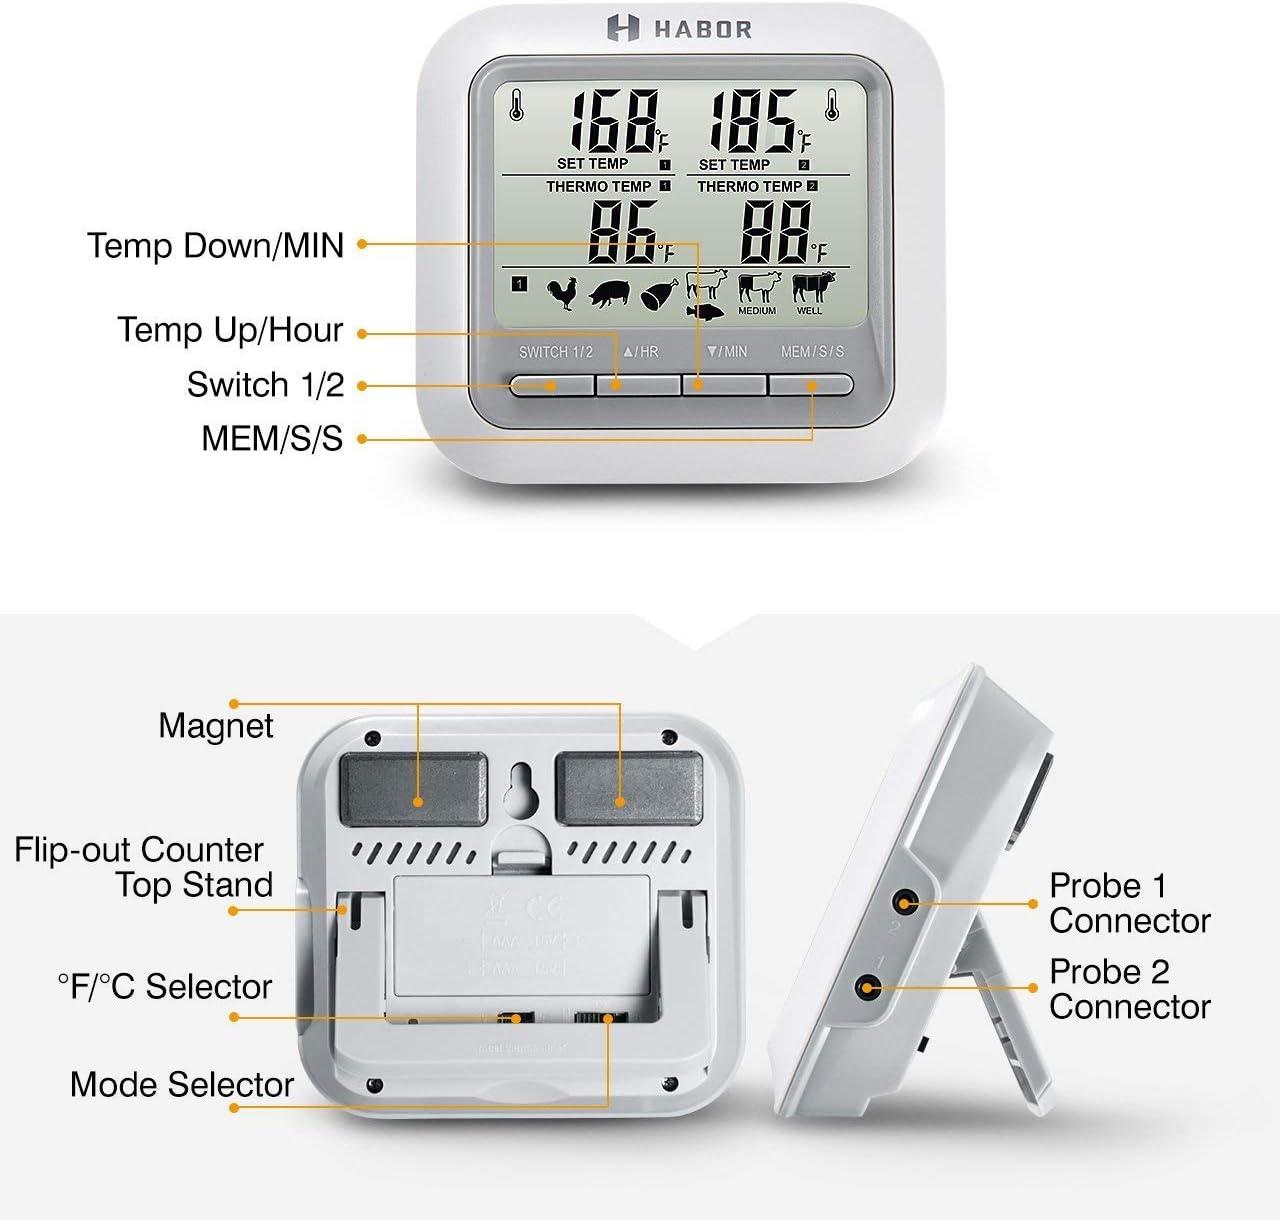 Horno Habor Termometro Horno,Term/ómetro Digital de Cocina Term/ómetro Temporizador con Pantalla LCD Grande y 2 Sondas para Cocina Parilla Kitchen L/íquido